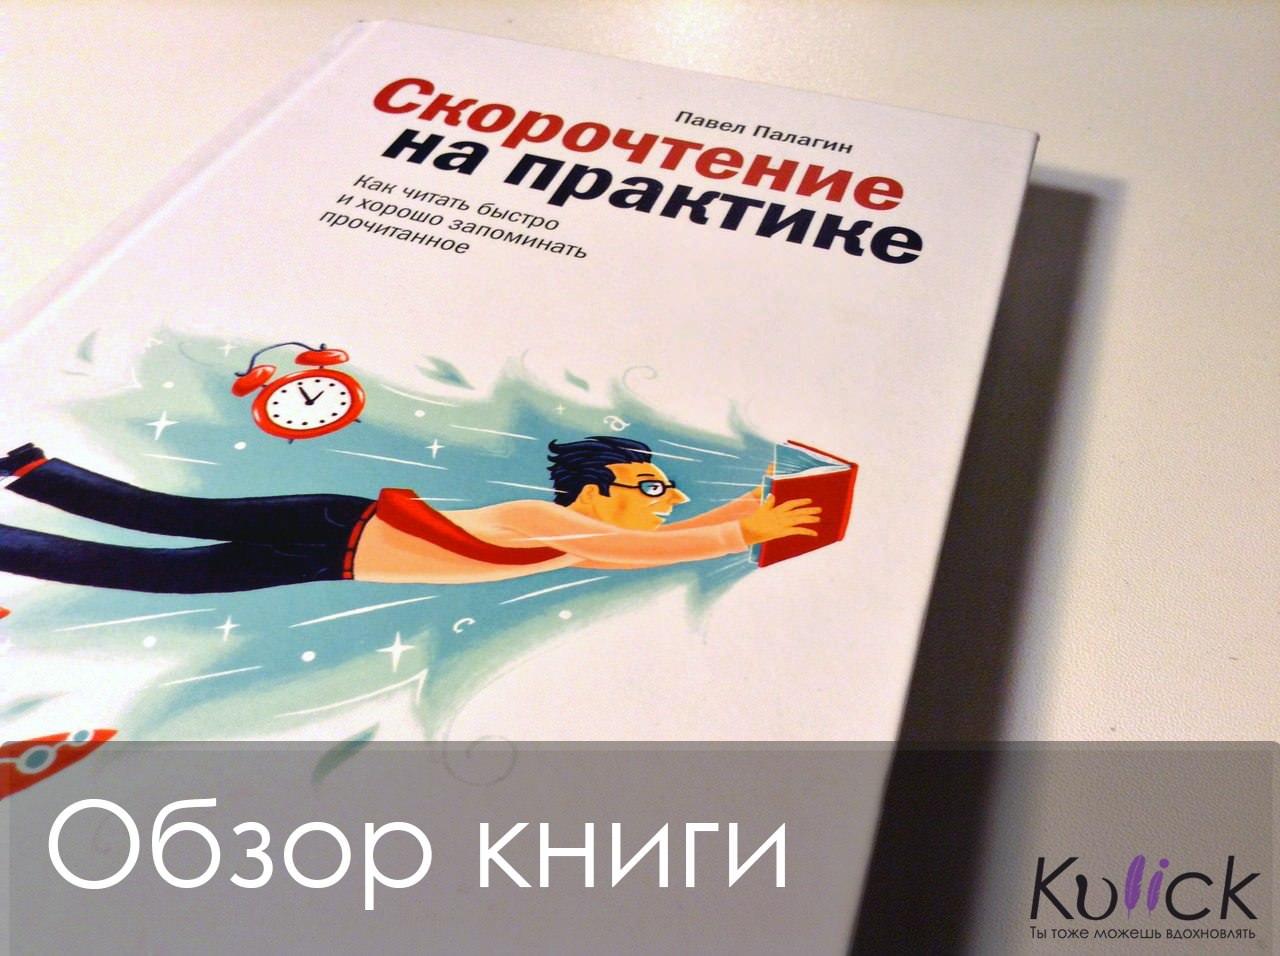 В книге «Скорочтение на практике» автор Павел Палагин